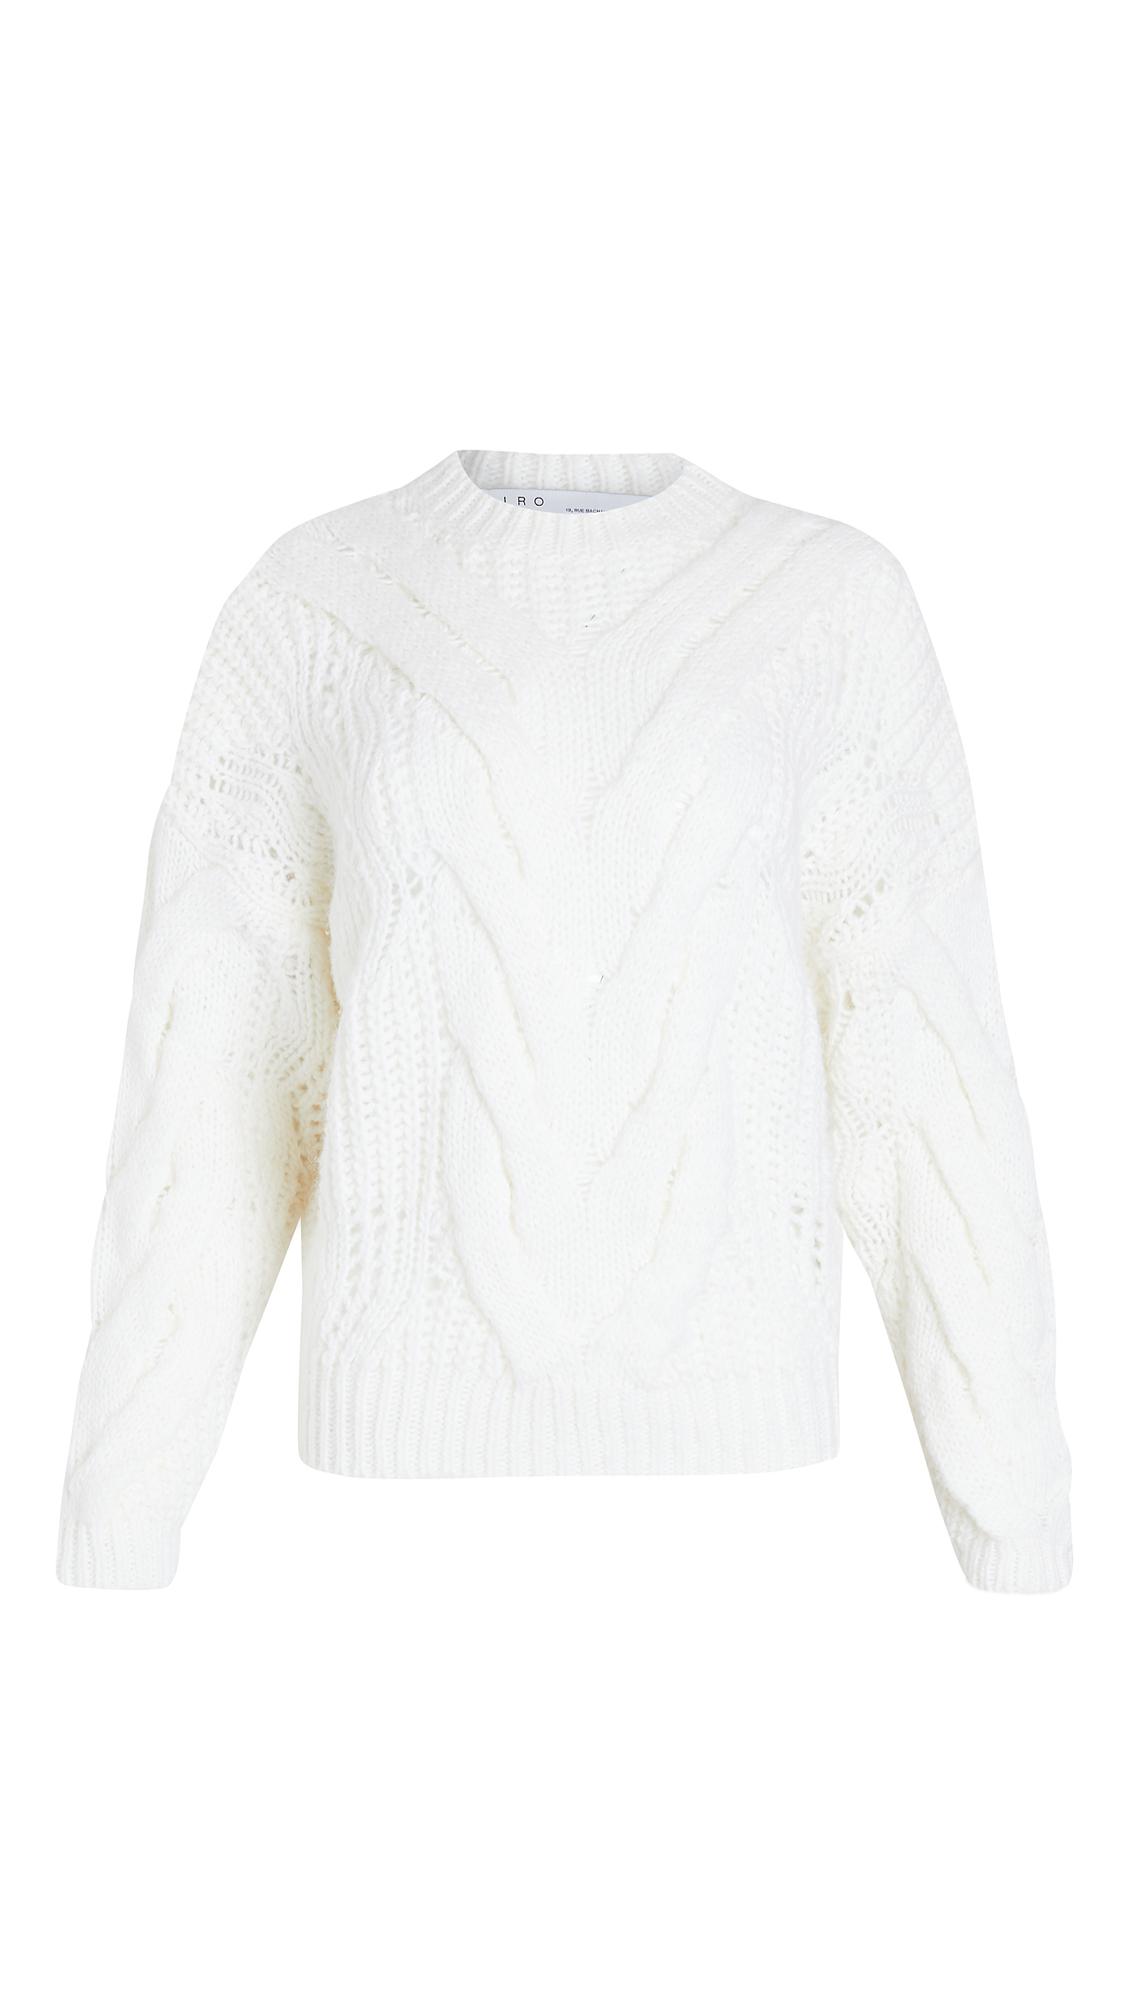 IRO Hustle Sweater